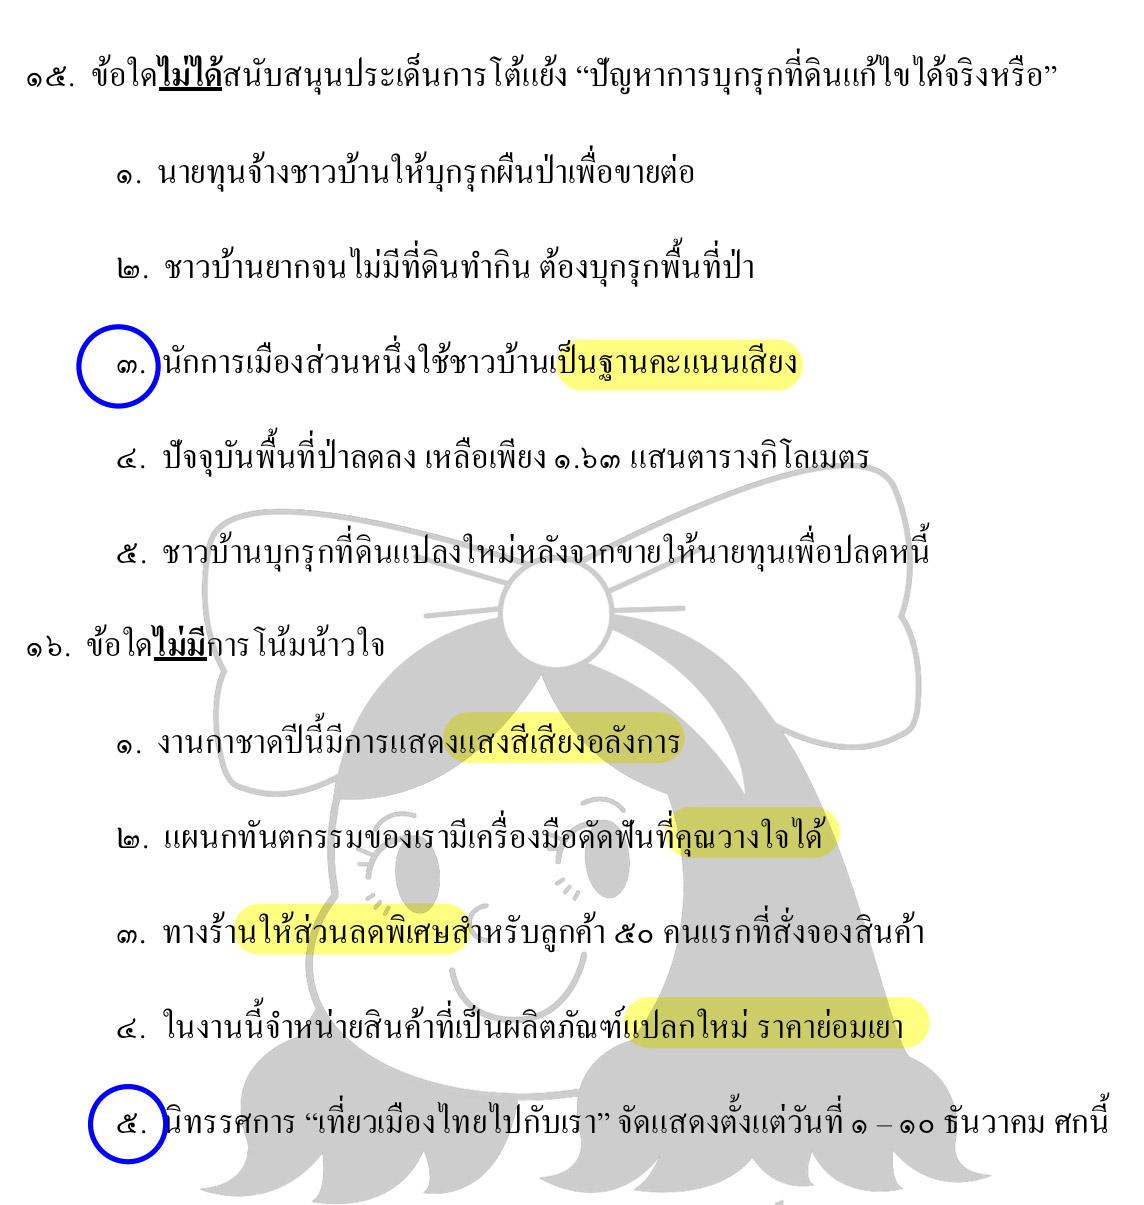 เฉลยข้อสอบ 9วิชาสามัญ ภาษาไทย